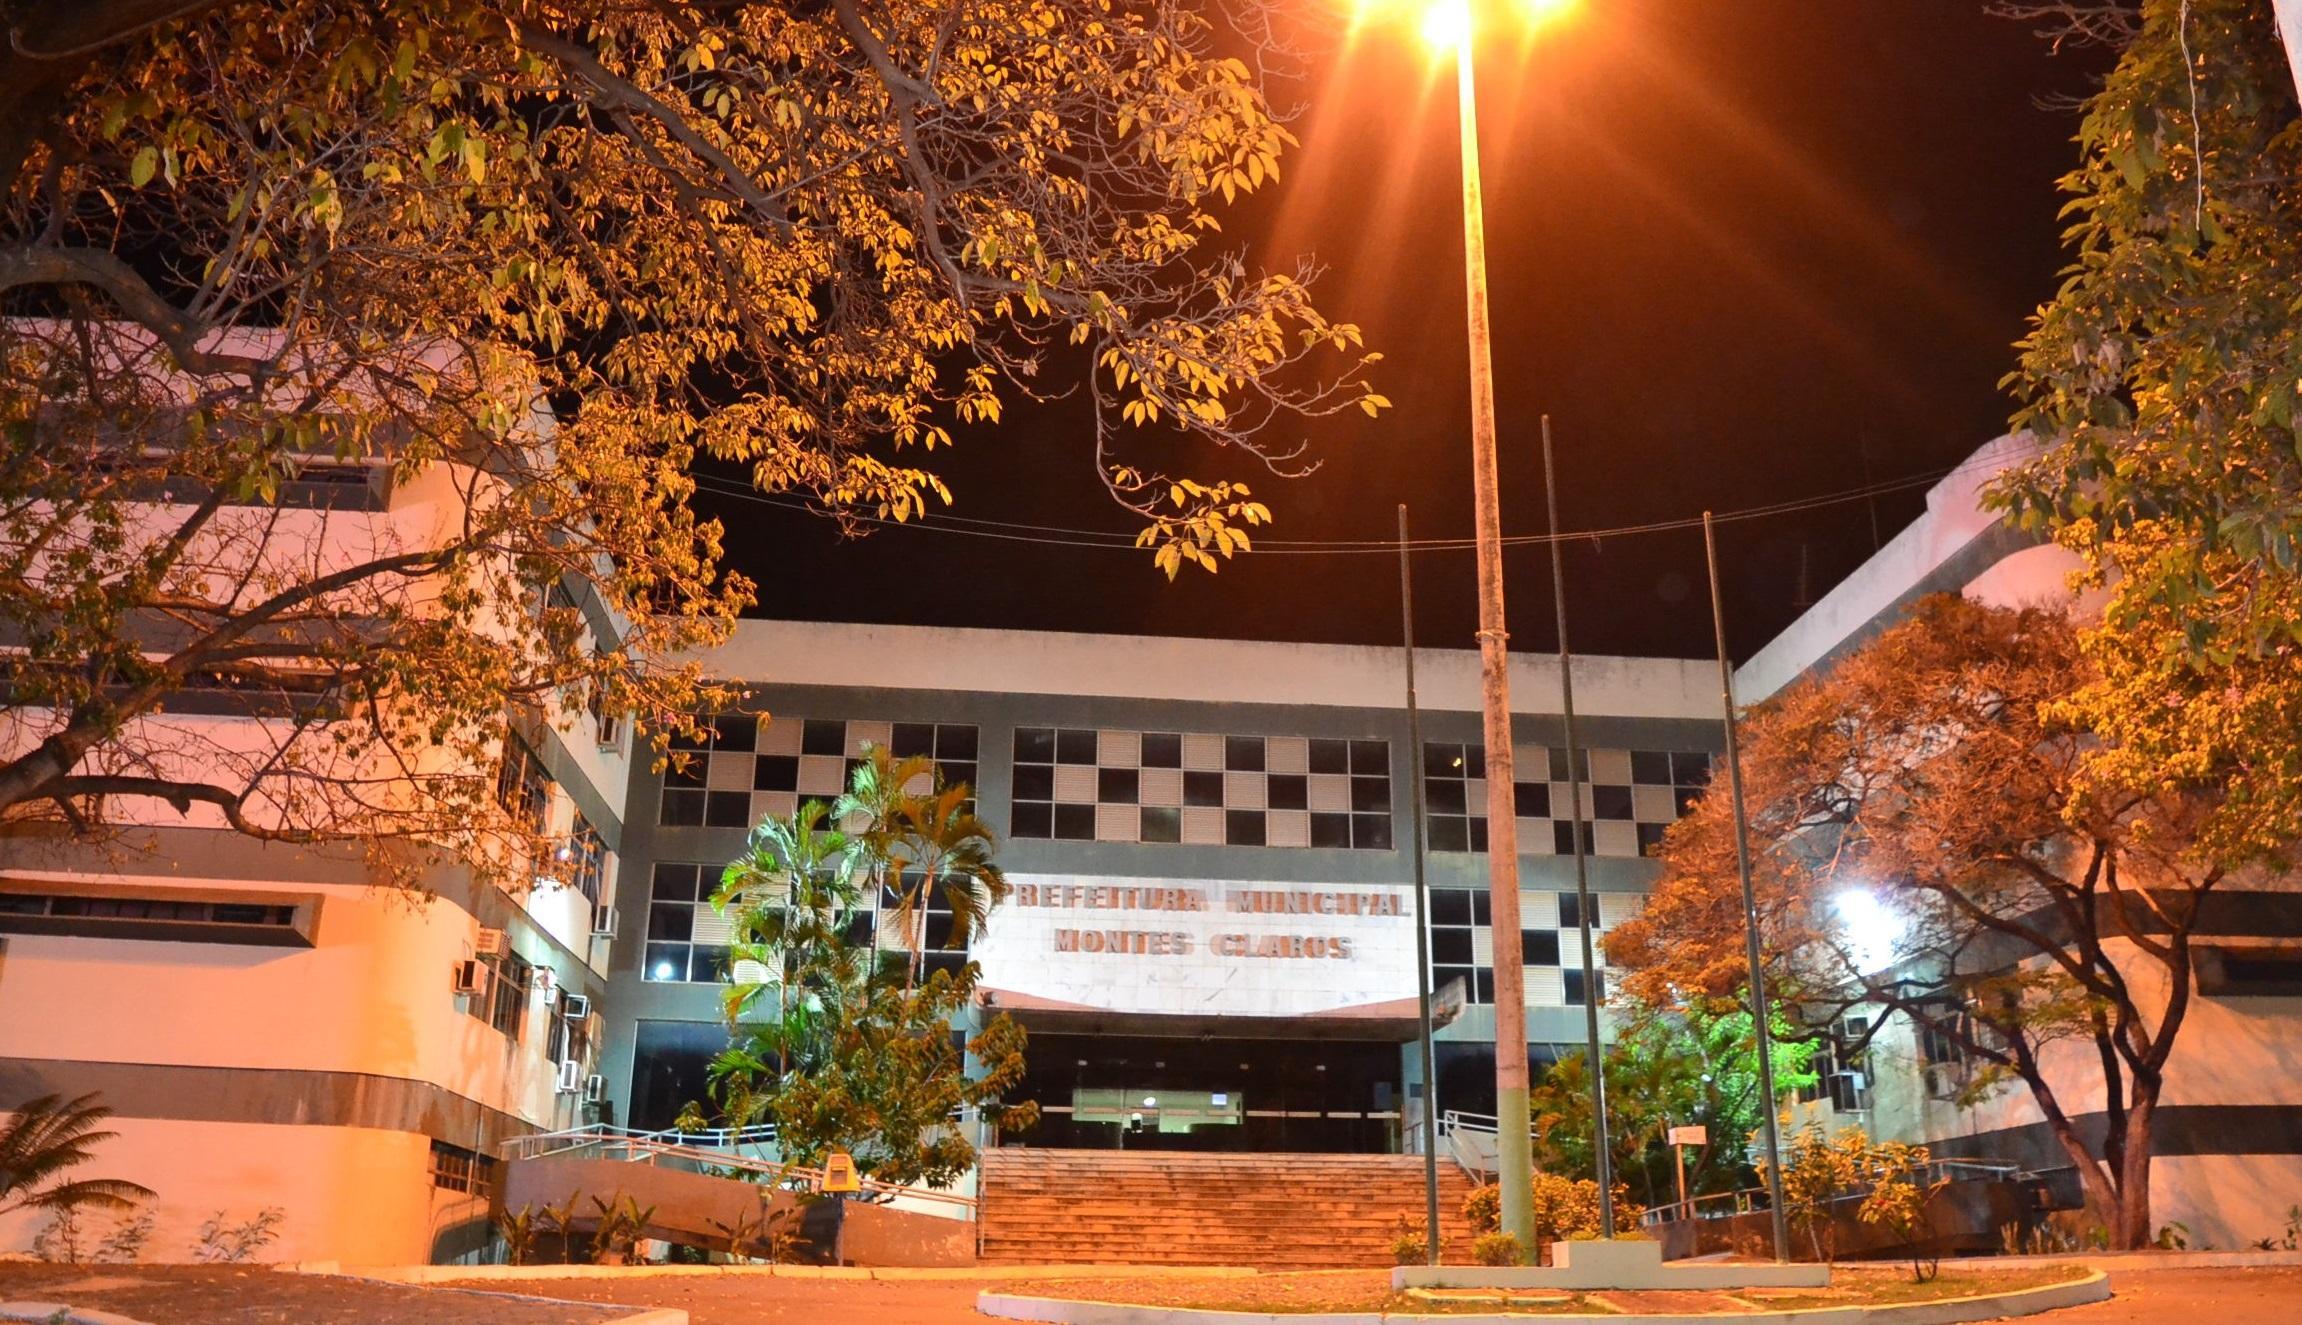 Imagem de destaque Prefeitura prorroga suspensão de perícias médicas